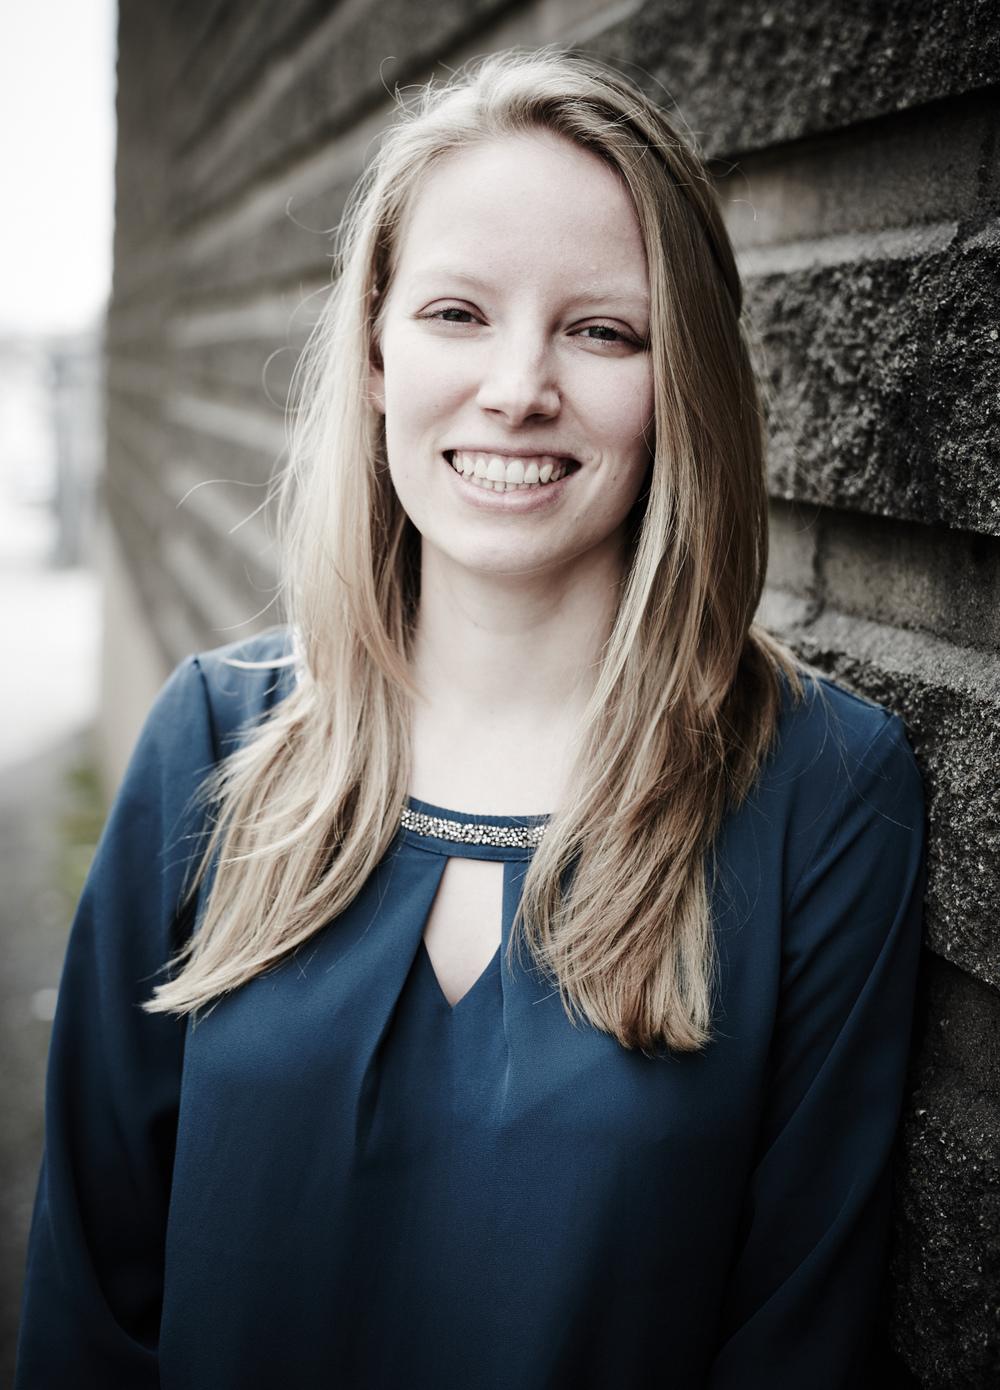 Prosthetist Brittany Pousett